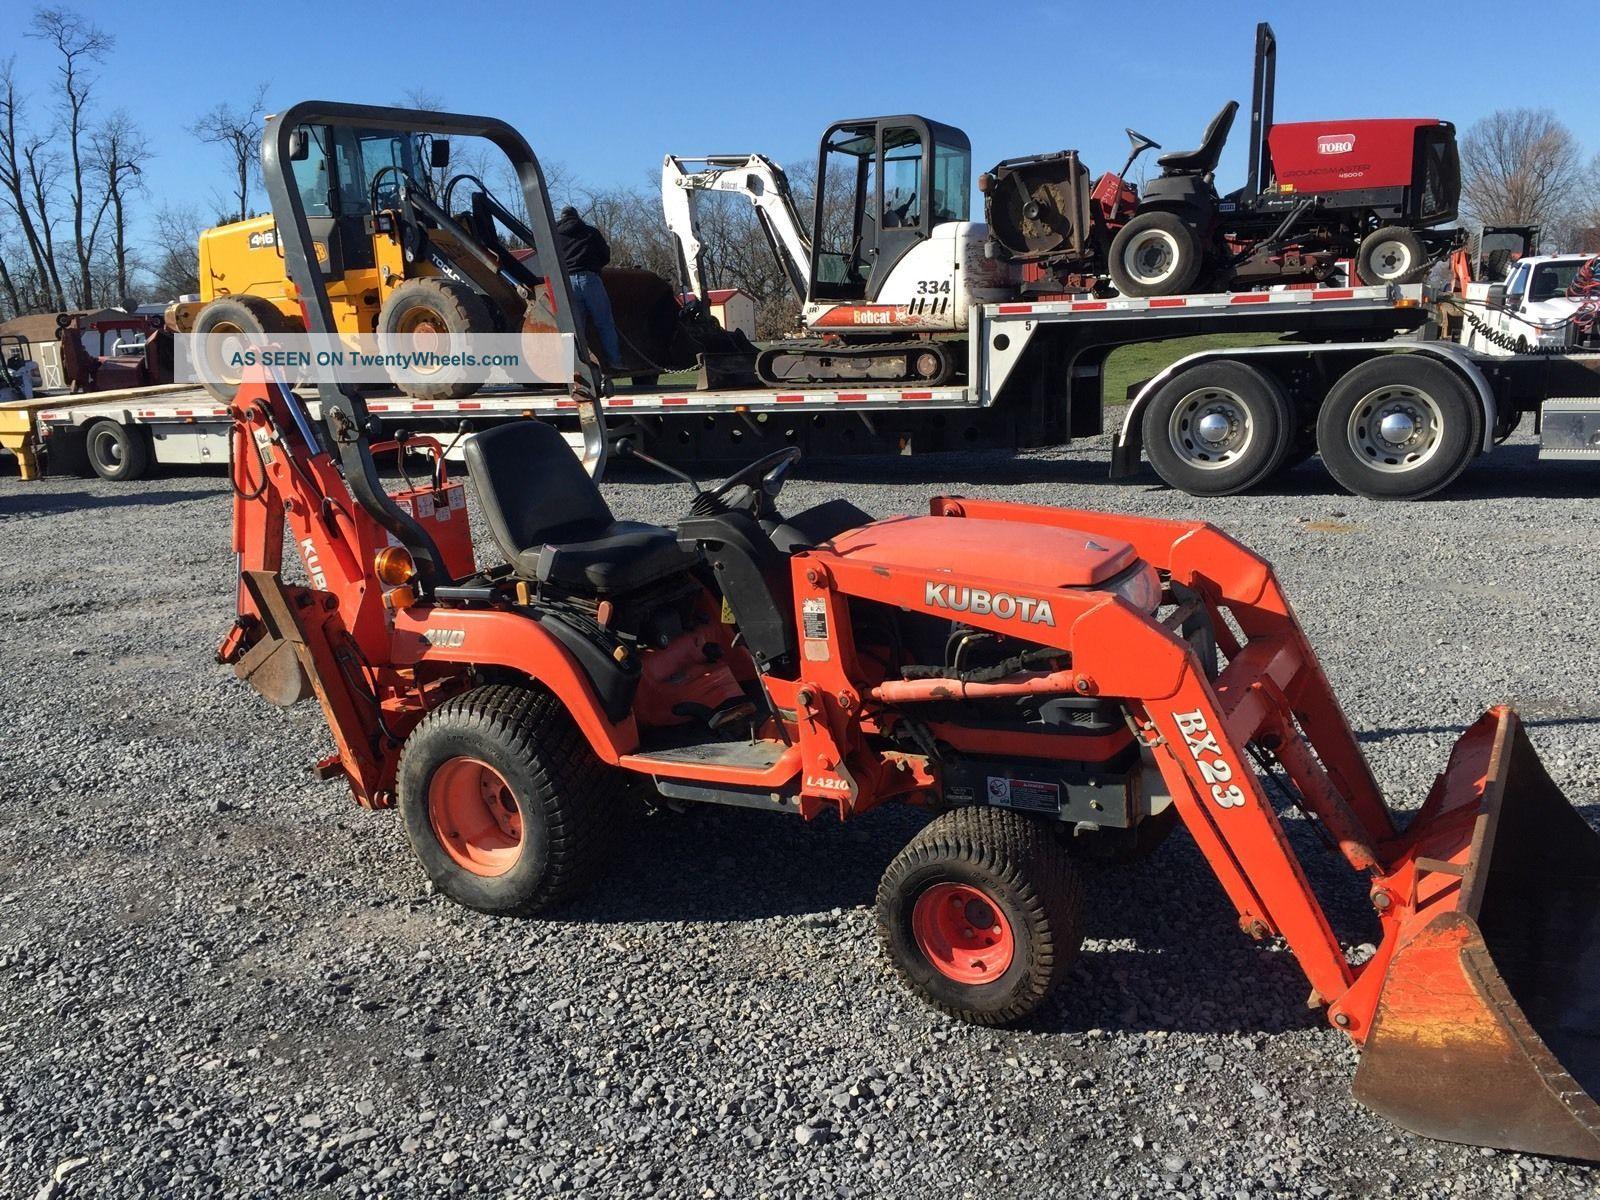 Tractor Loader Backhoe : Kubota bx compact tractor loader backhoe